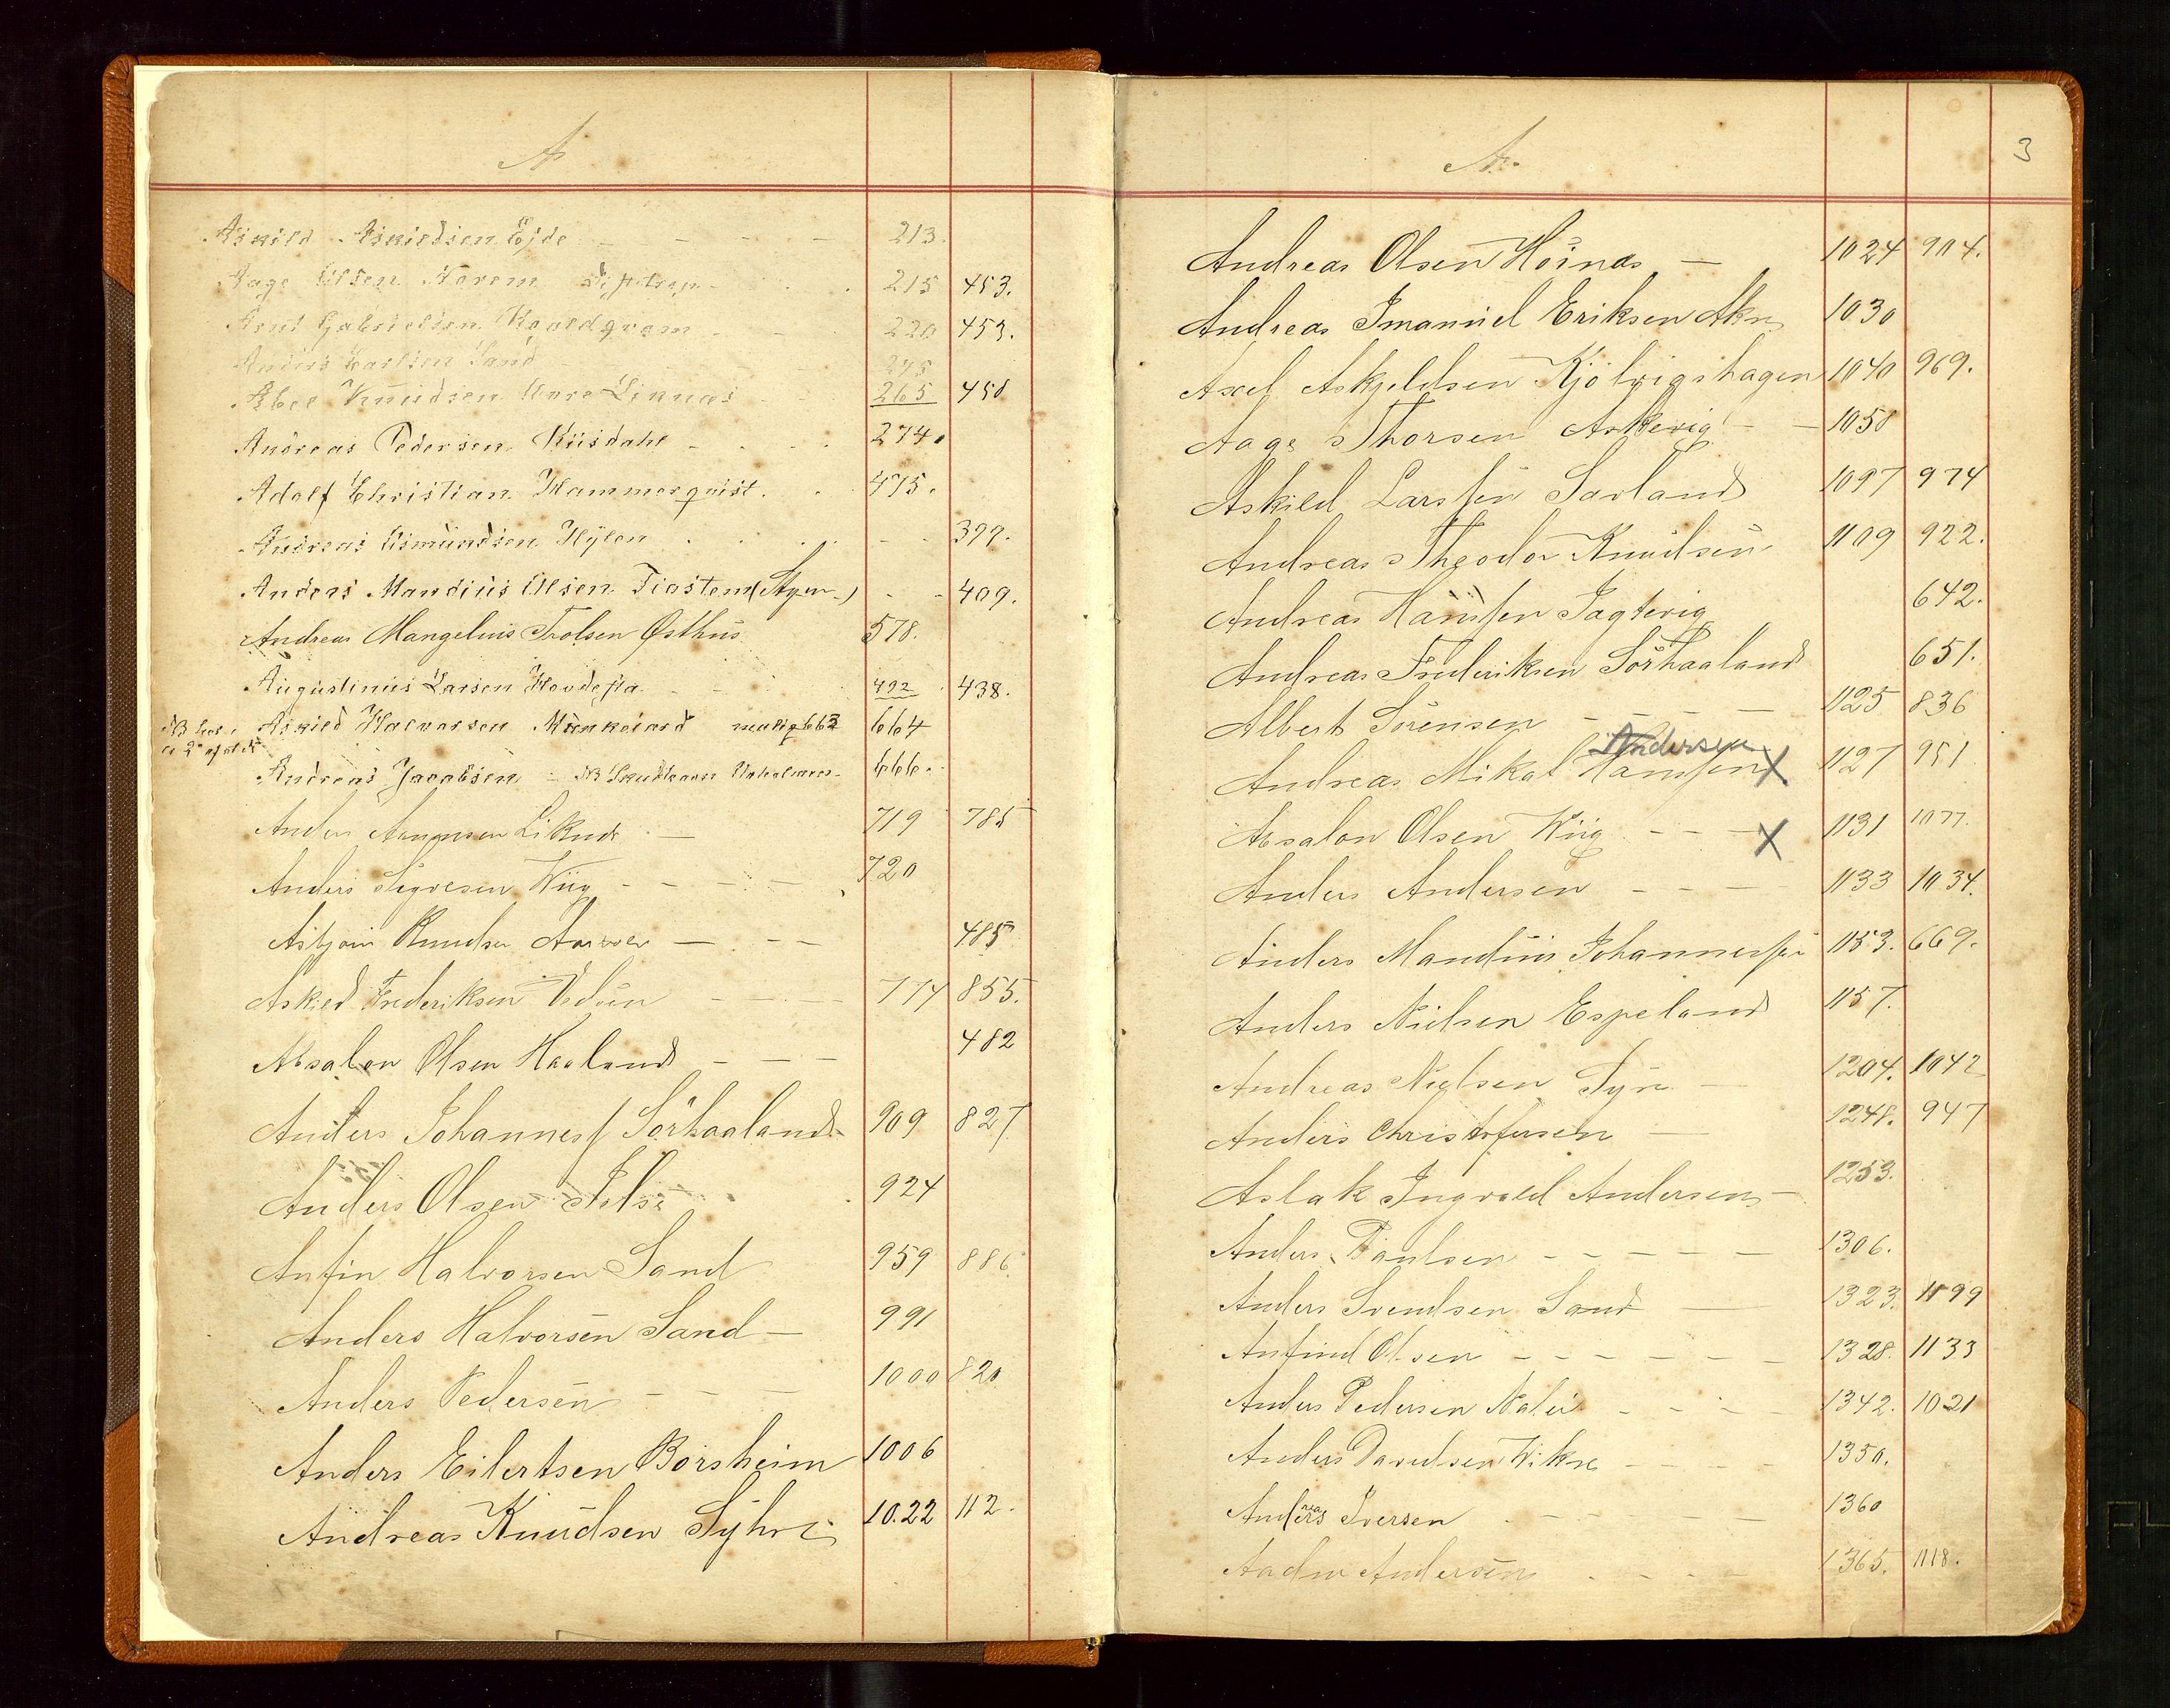 SAST, Haugesund sjømannskontor, F/Fb/Fba/L0003: Navneregister med henvisning til rullenummer (fornavn) Haugesund krets, 1860-1948, s. 3